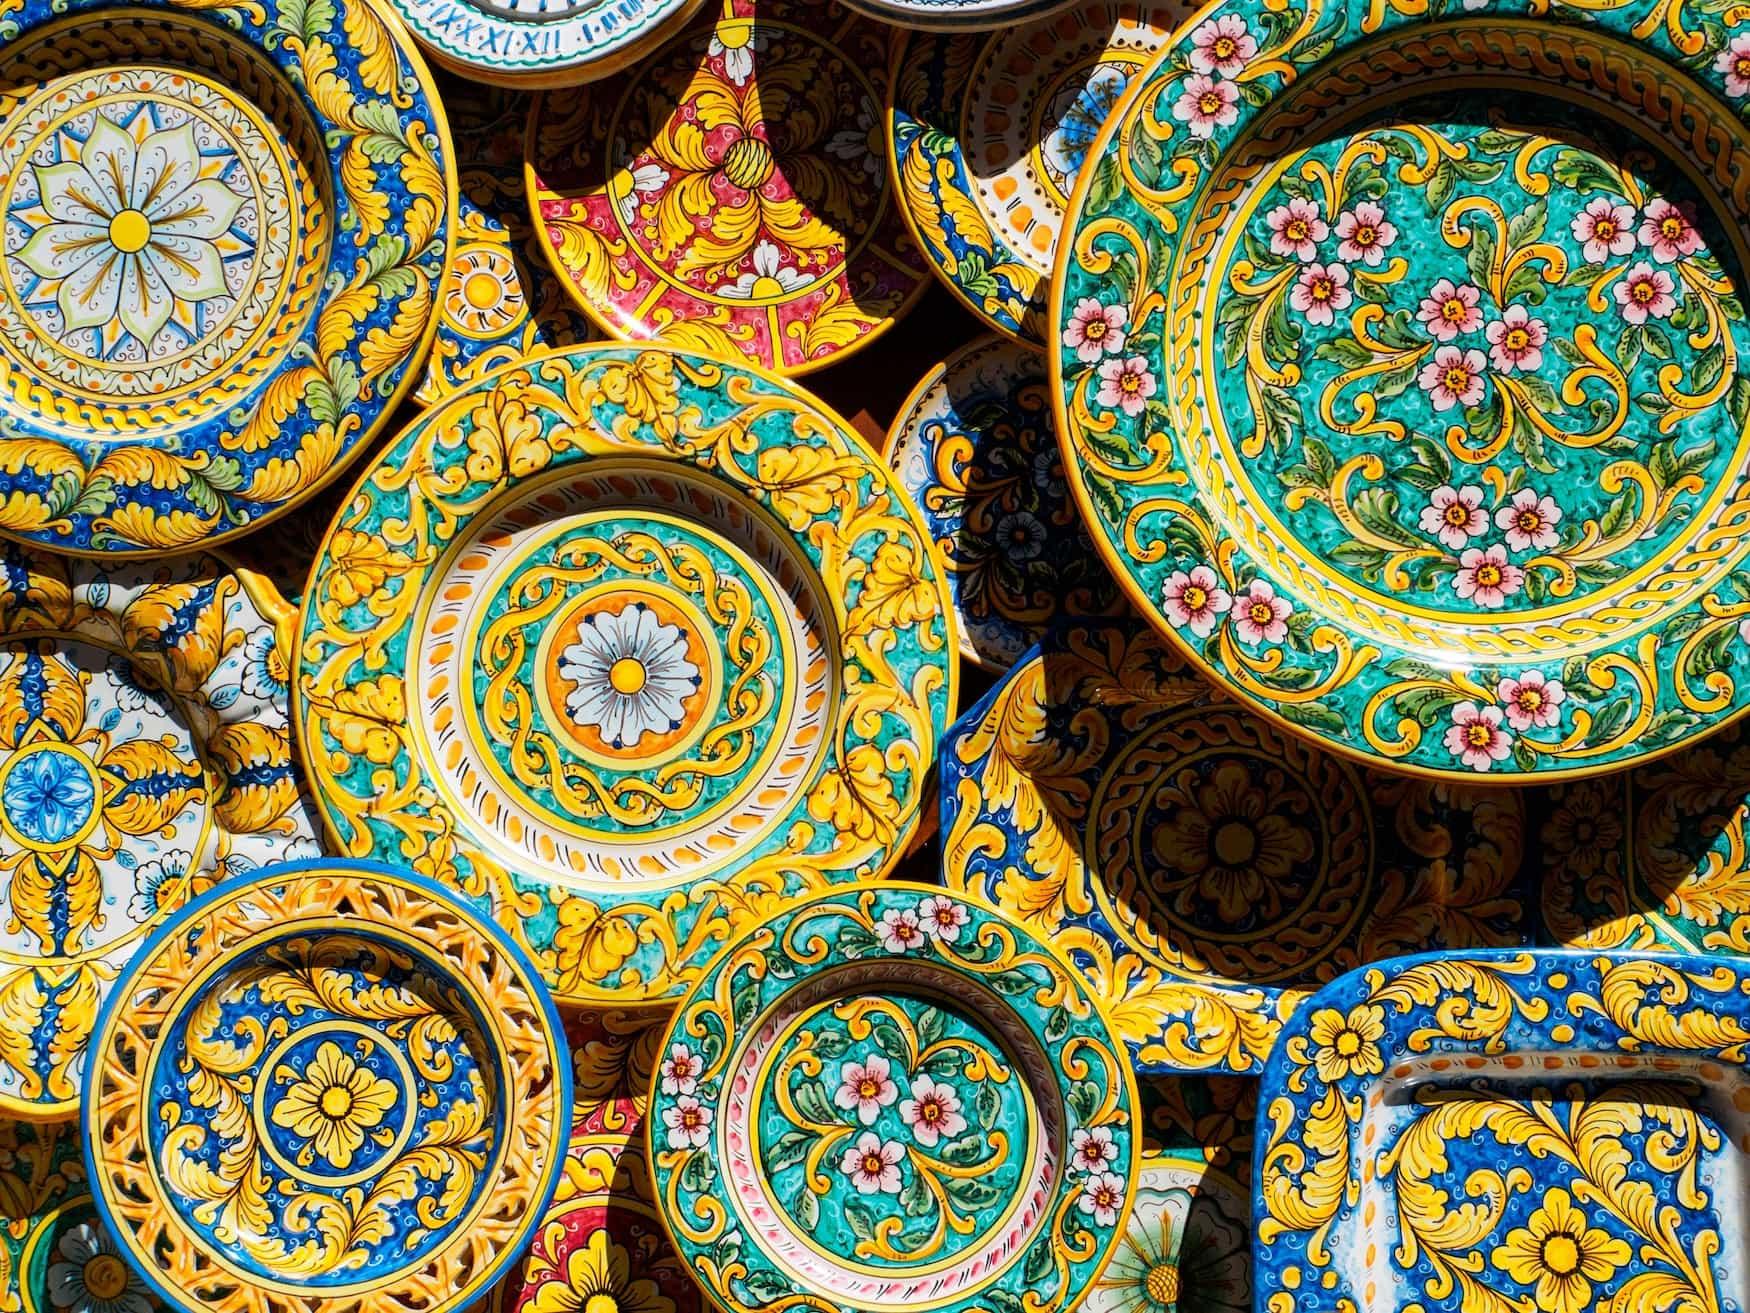 Bunte Keramik gibt es in Sizilien an jeder Ecke zu kaufen